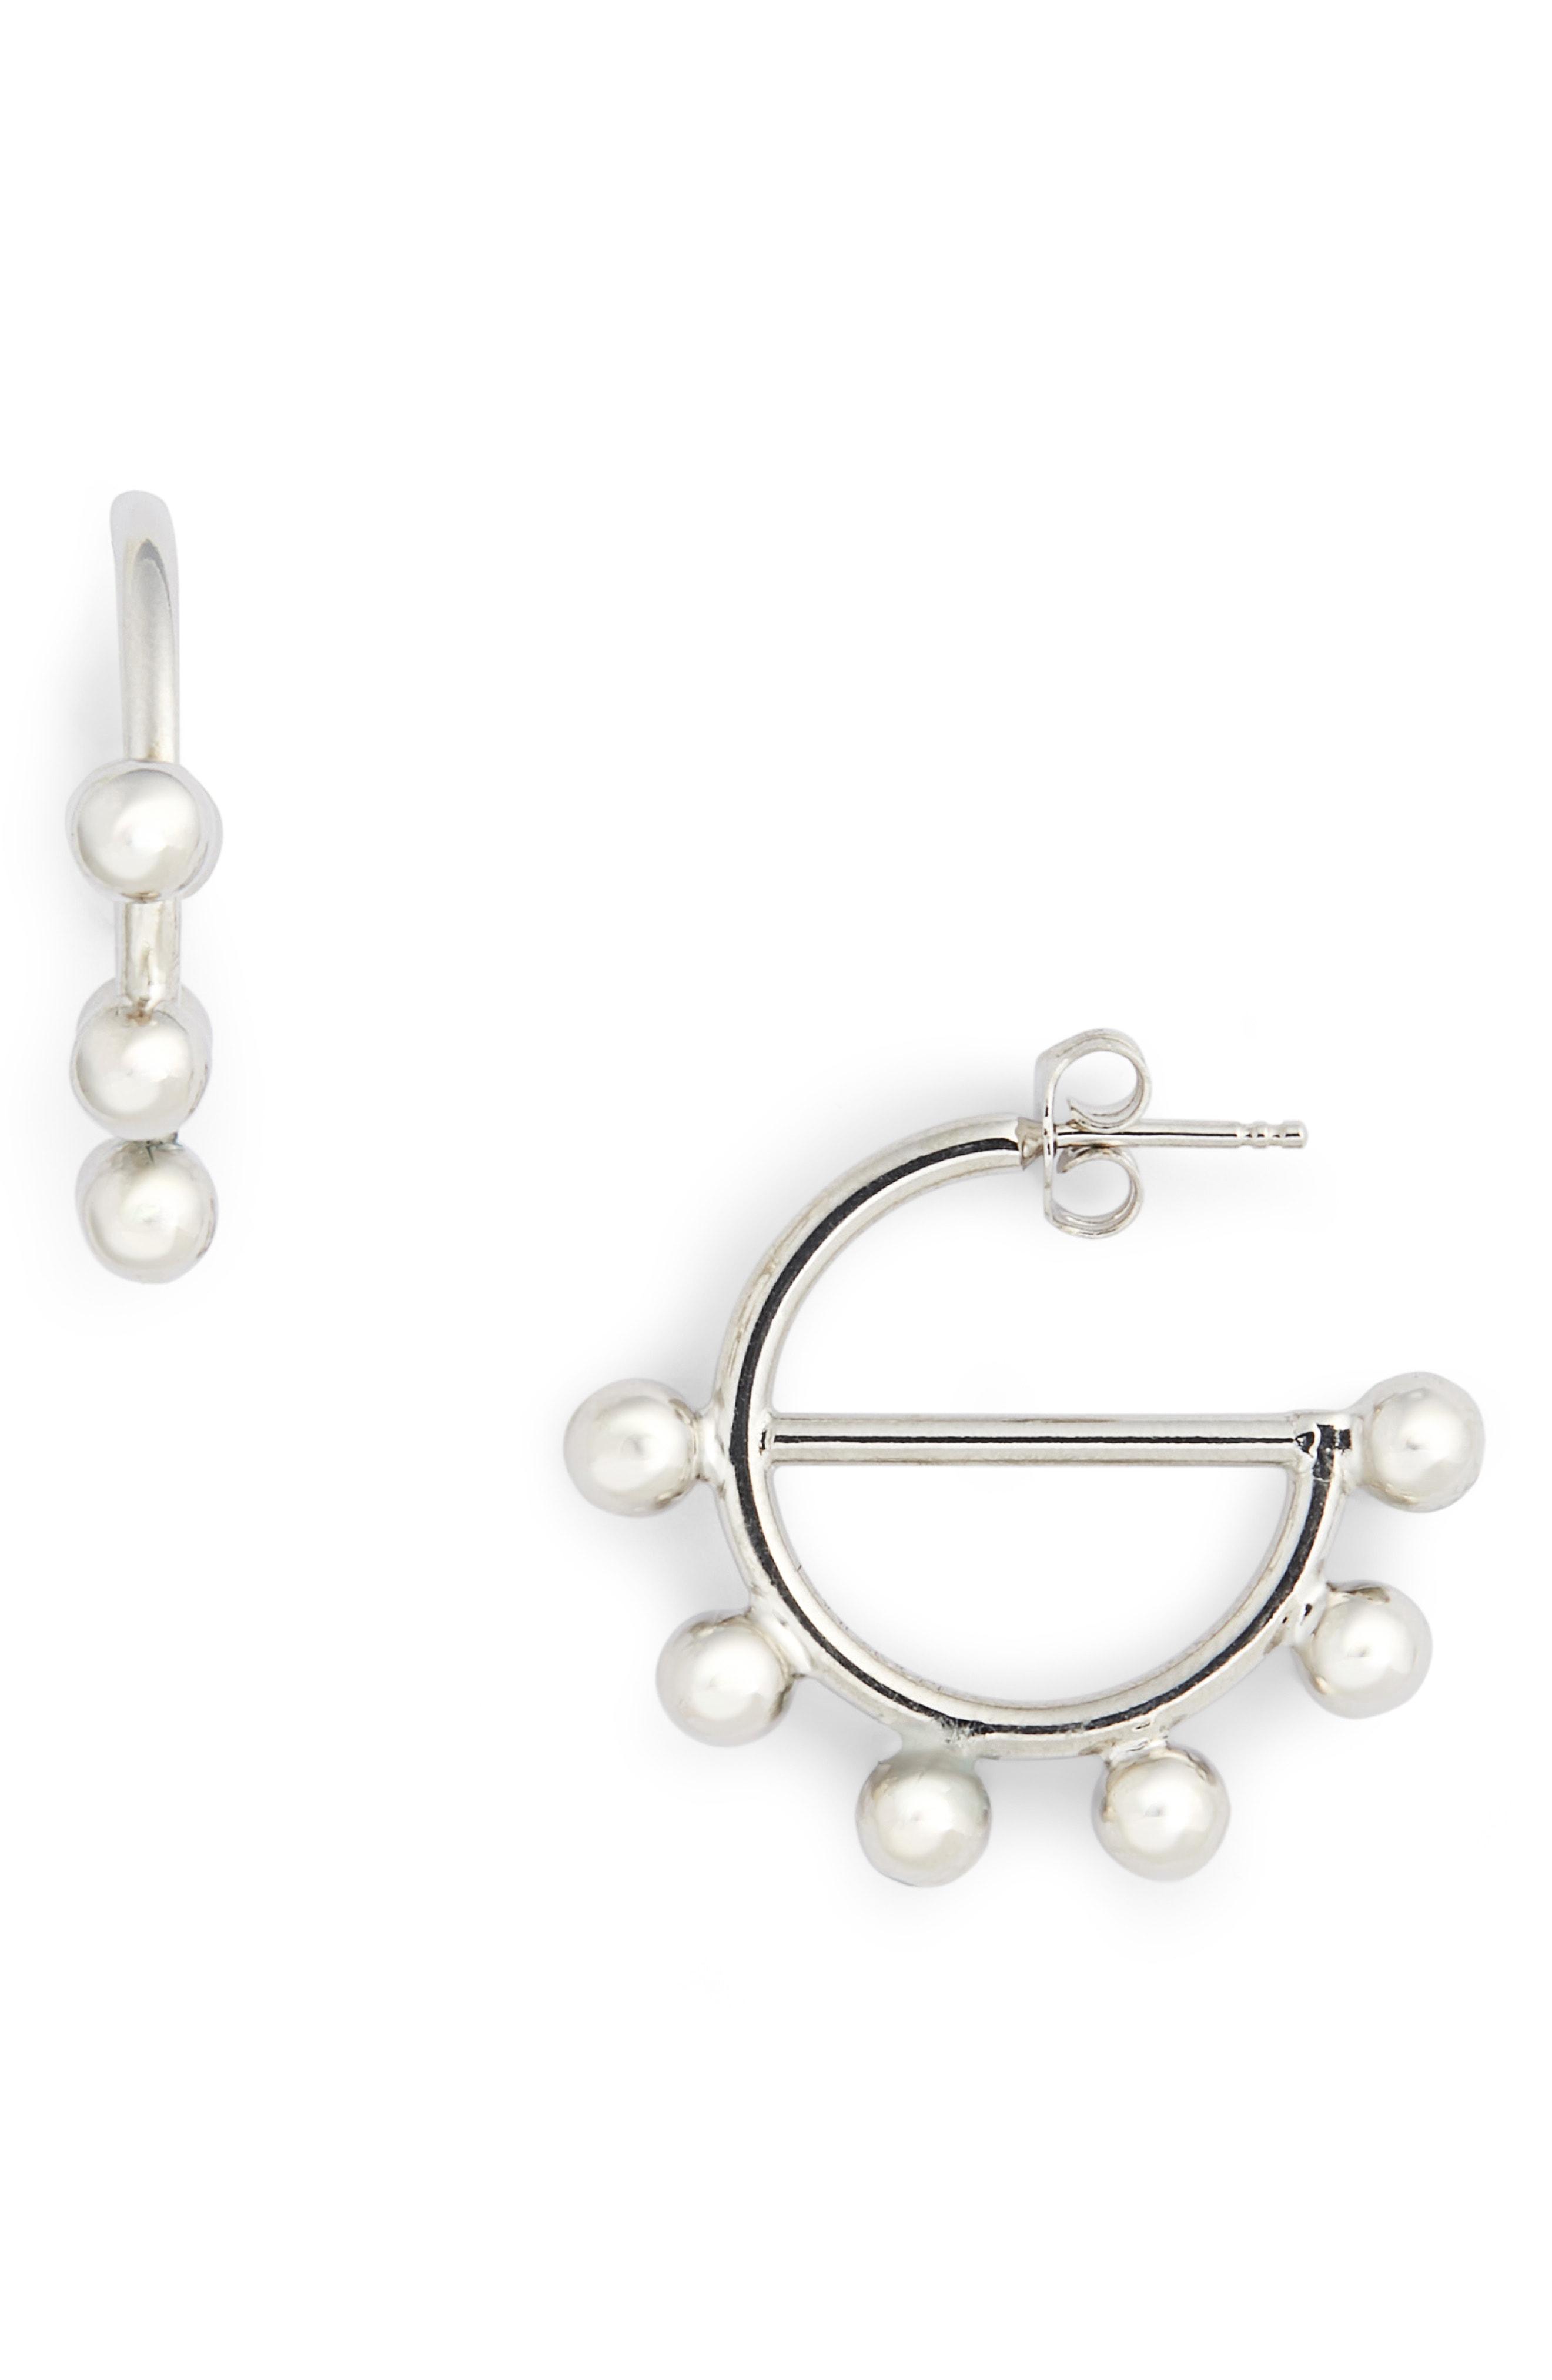 1a6791765 J.W.Anderson Mini Disc Hoop Earrings In Silver | ModeSens